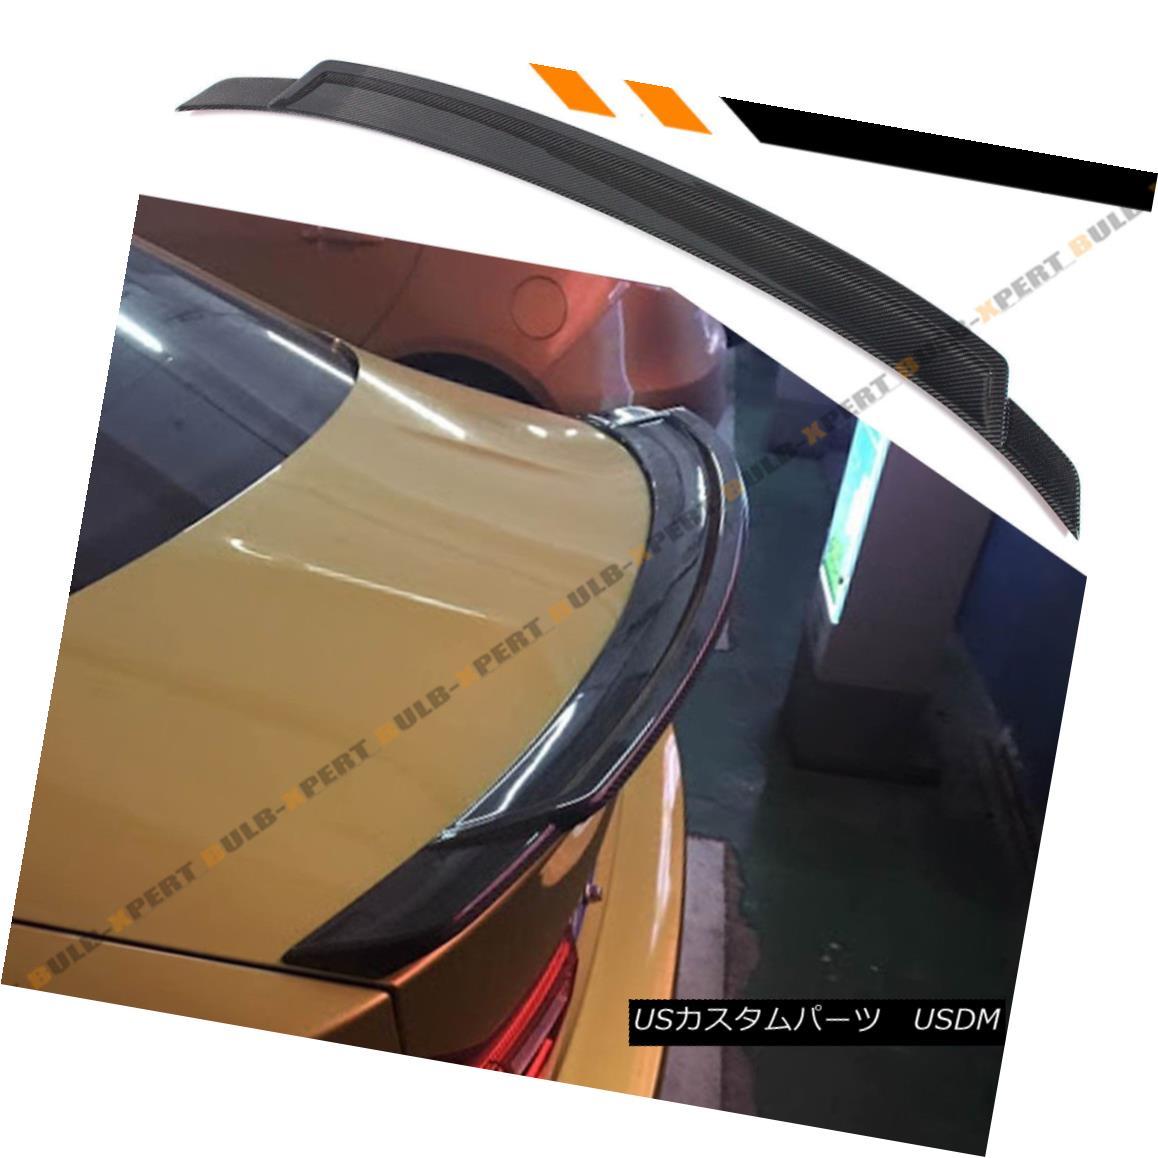 エアロパーツ FOR 15-18 BMW F82 M4 HIGH KICK DUCKBILL EXTENDED CARBON FIBER TRUNK SPOILER WING FOR 15-18 BMW F82 M4ハイキック・ダックビル・エクステンデッド・カーボンファイバー・トランク・スポイラー・ウィング